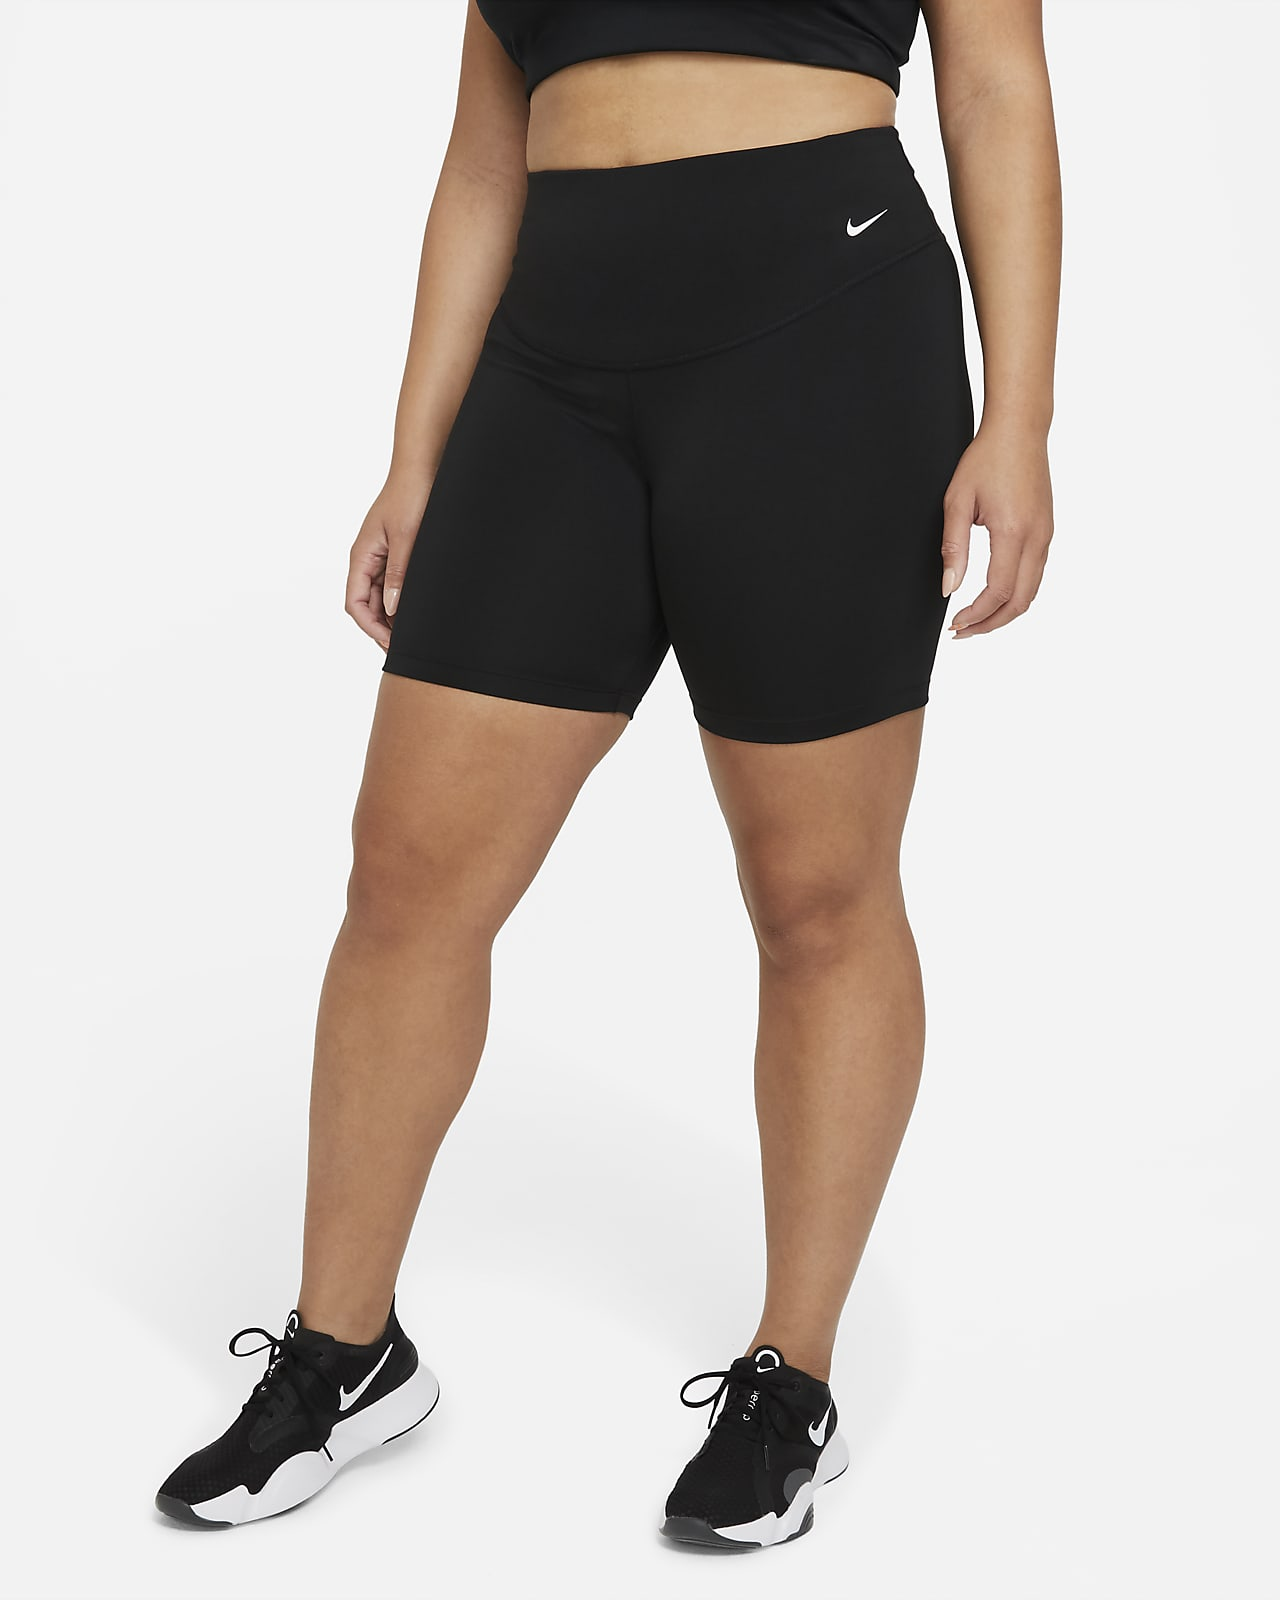 Shorts de ciclismo de 18 cm de tiro medio para mujer talla grande Nike One